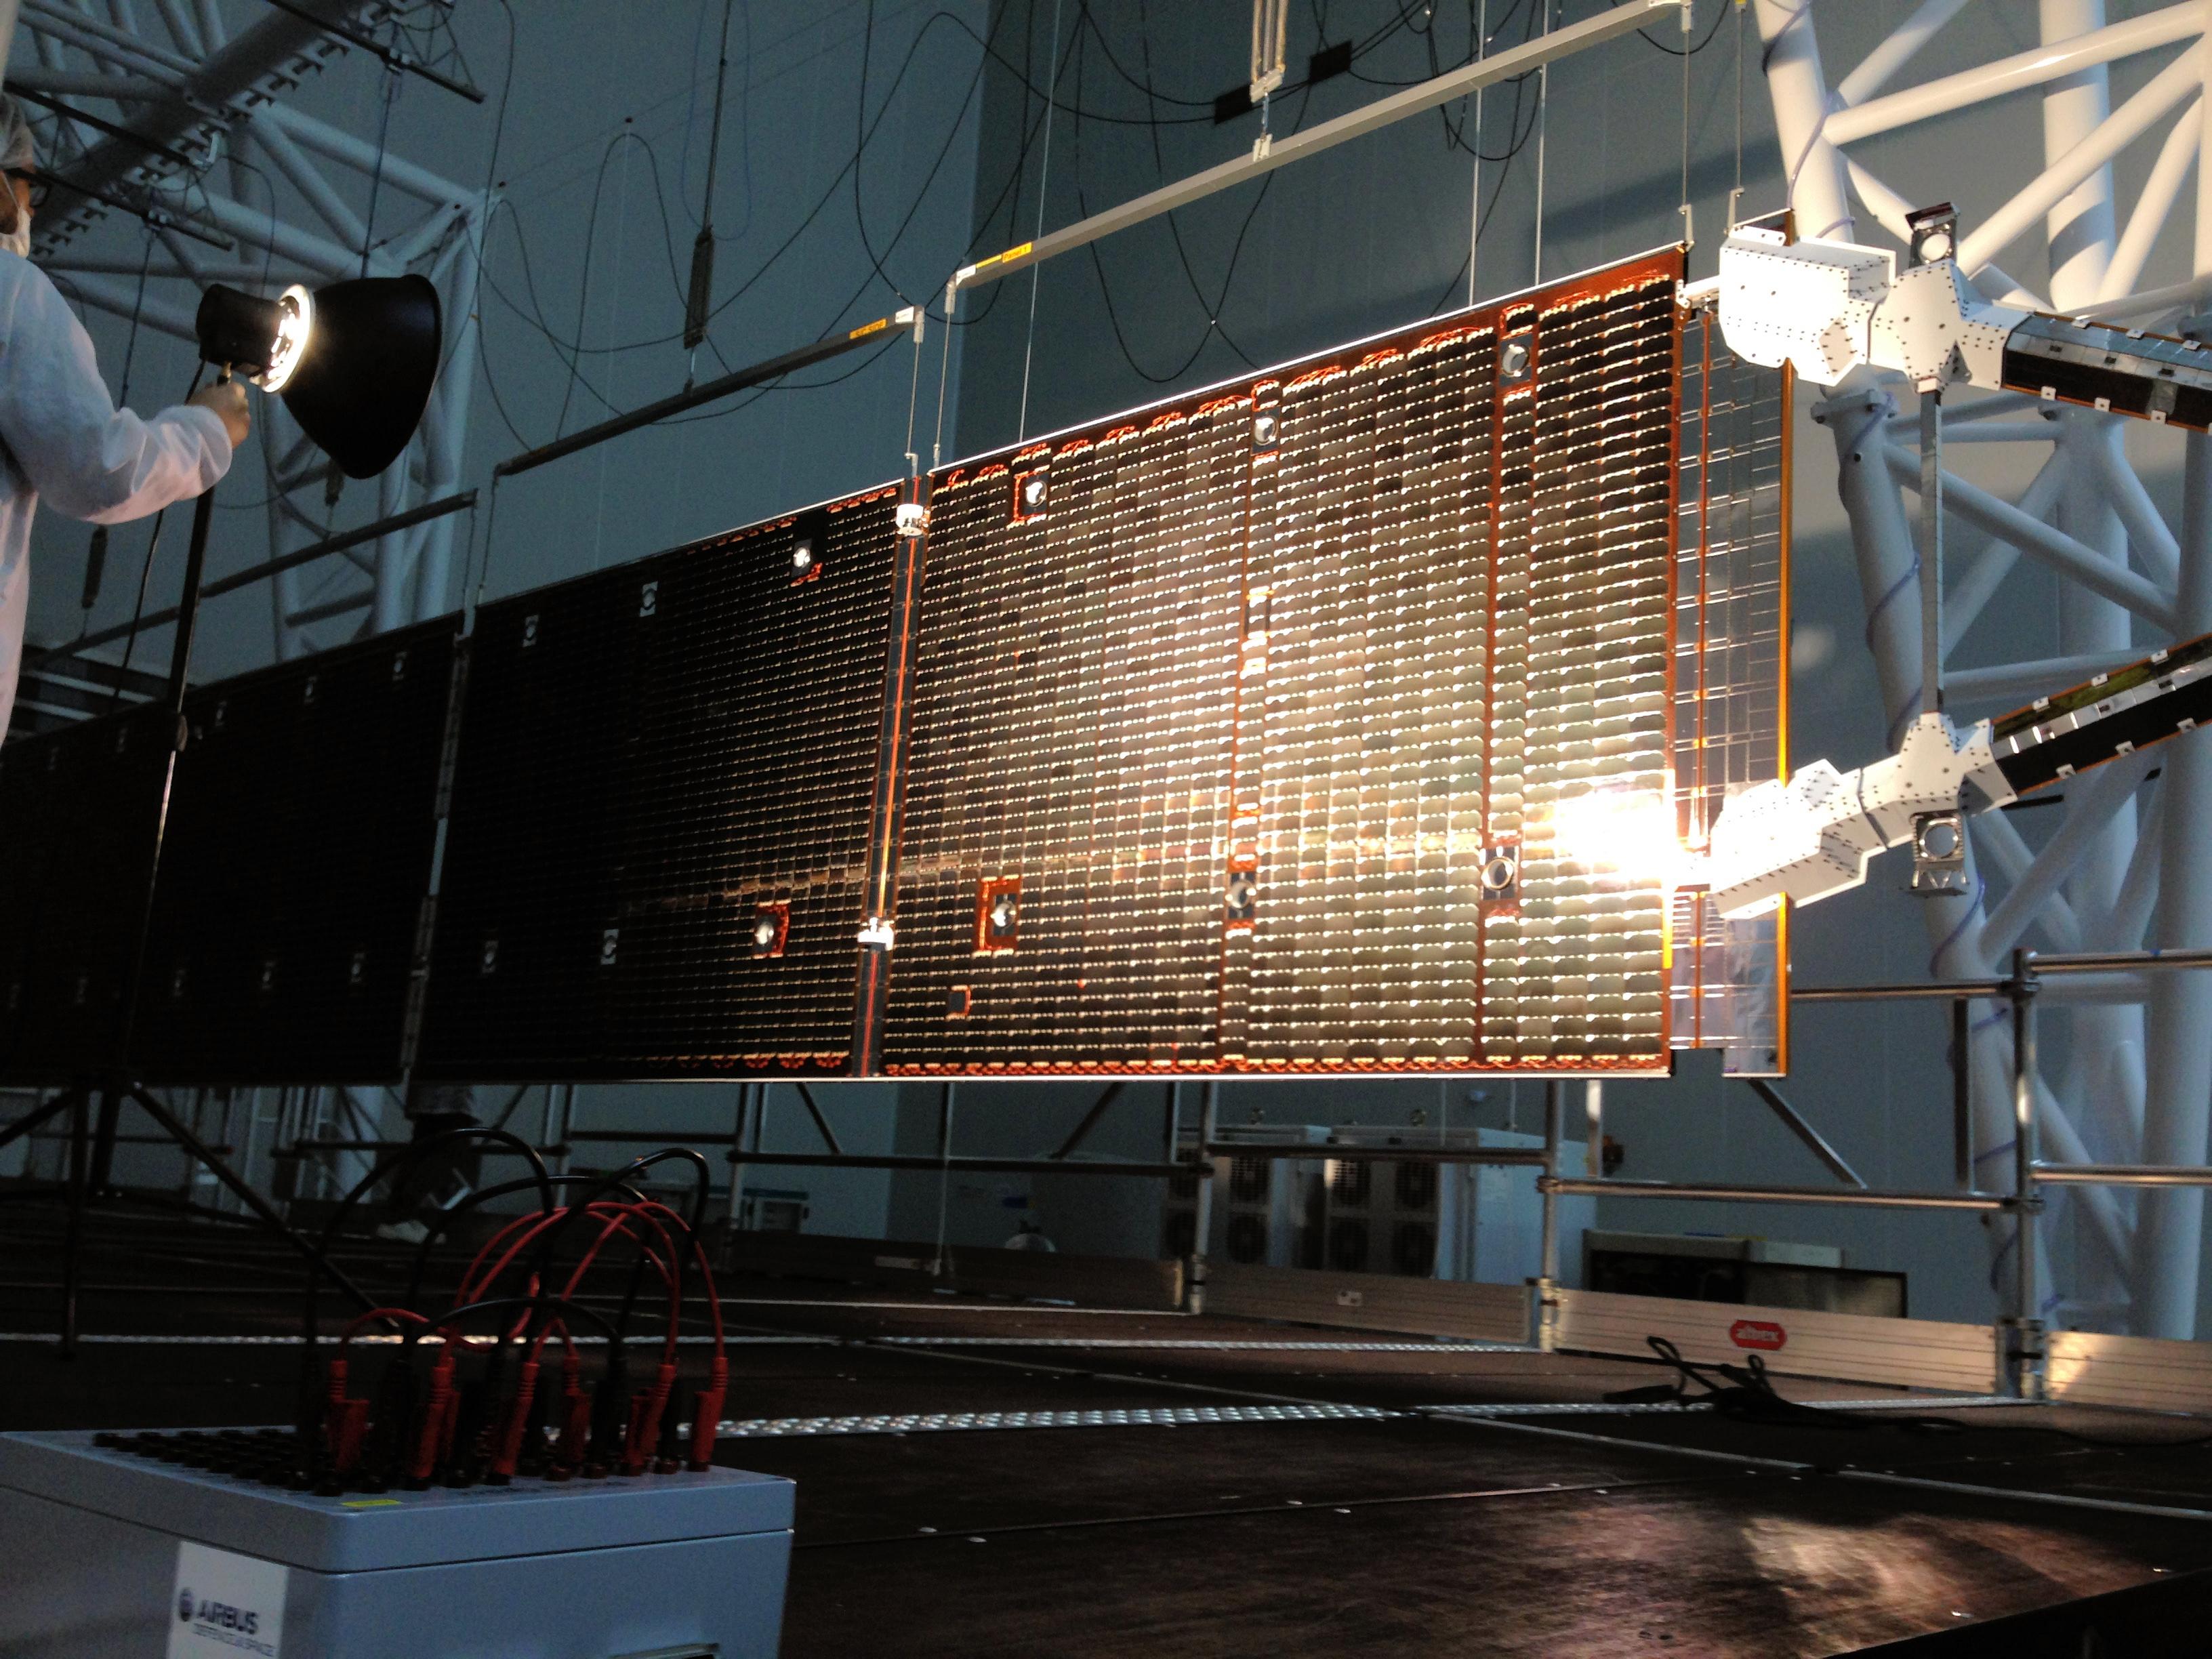 1567214299861-BepiColombo_Mercury_Transfer_Module_solar_wing_inspection.jpg